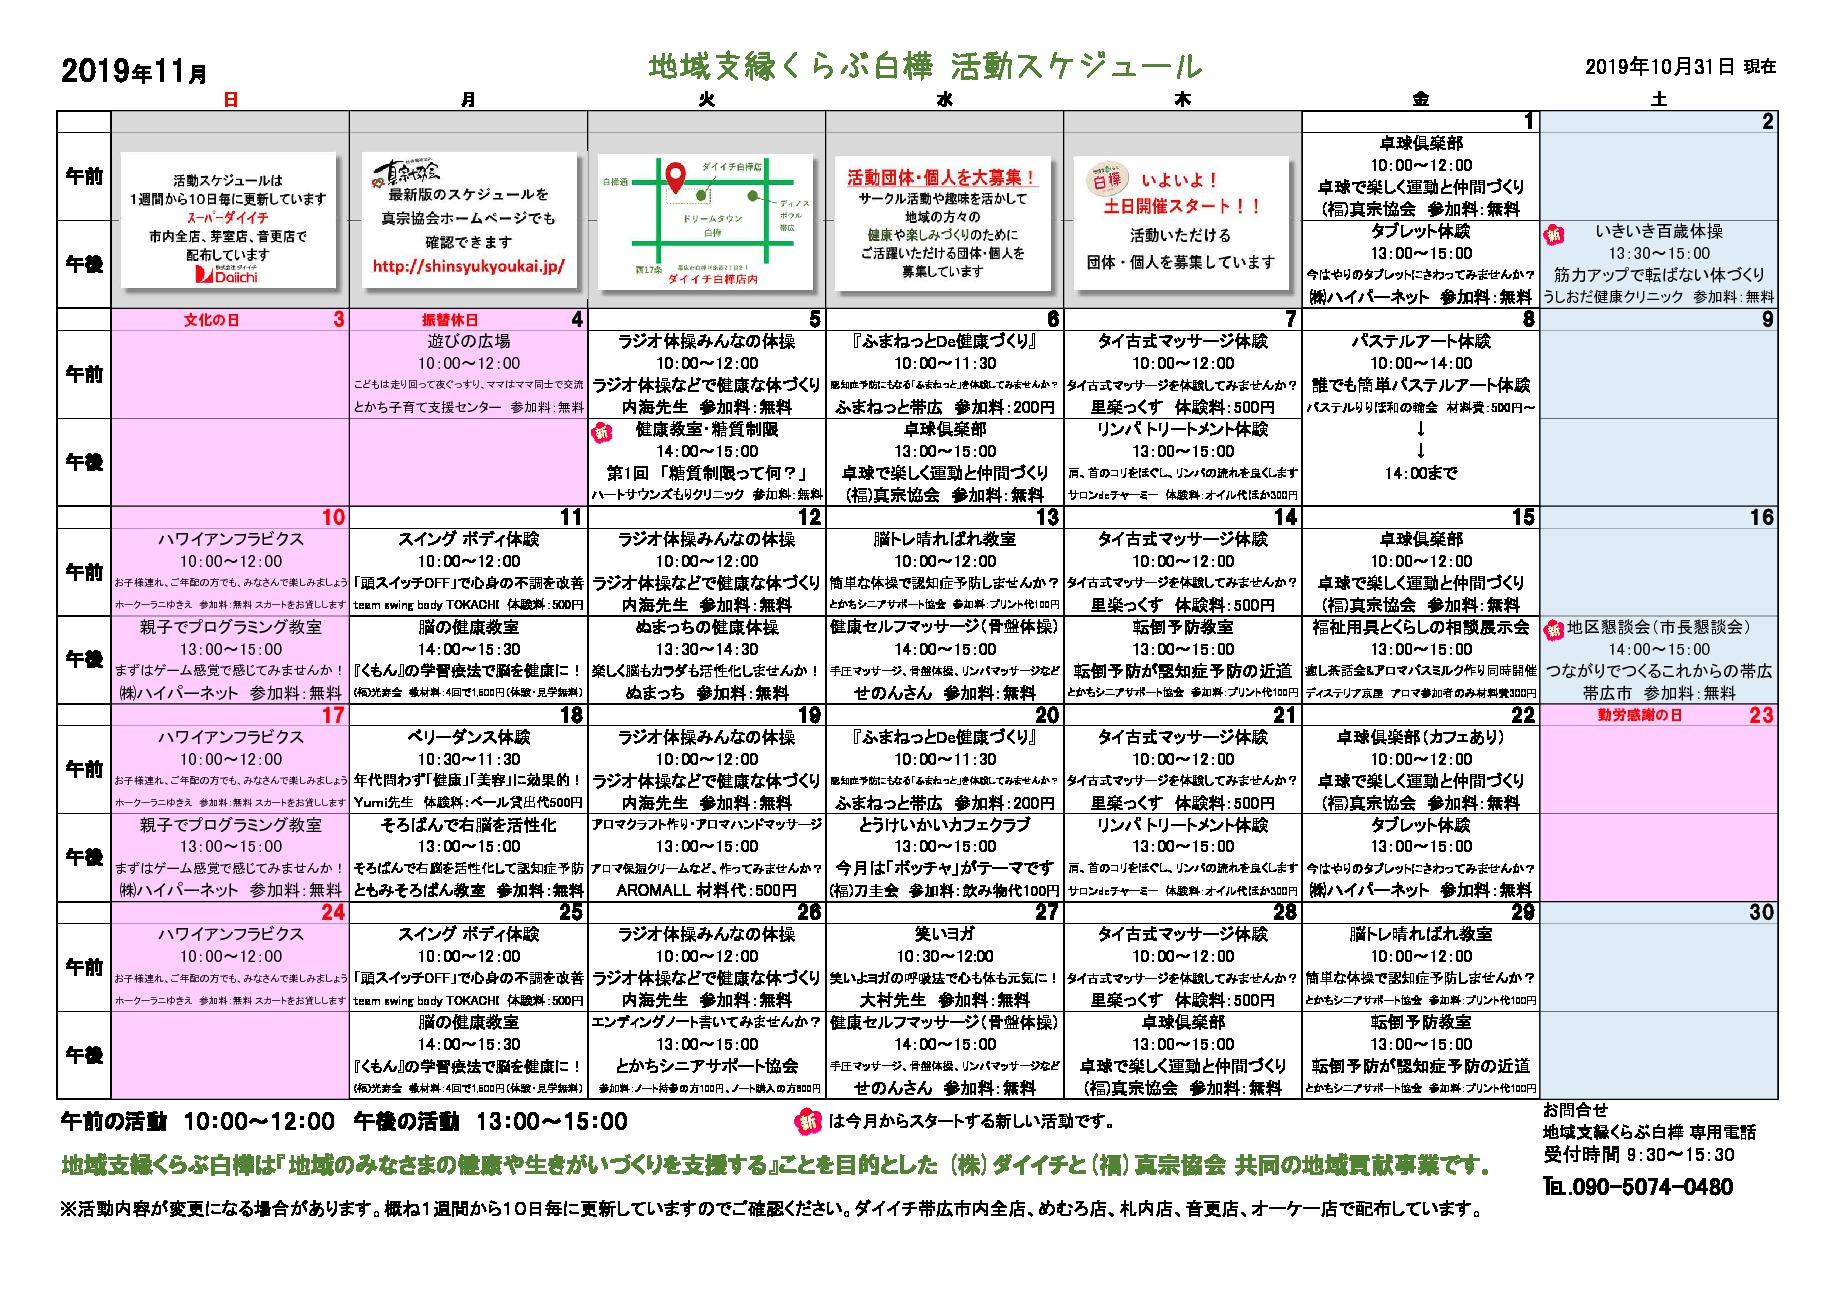 2019活動スケジュール11(2019.10.31付)のサムネイル